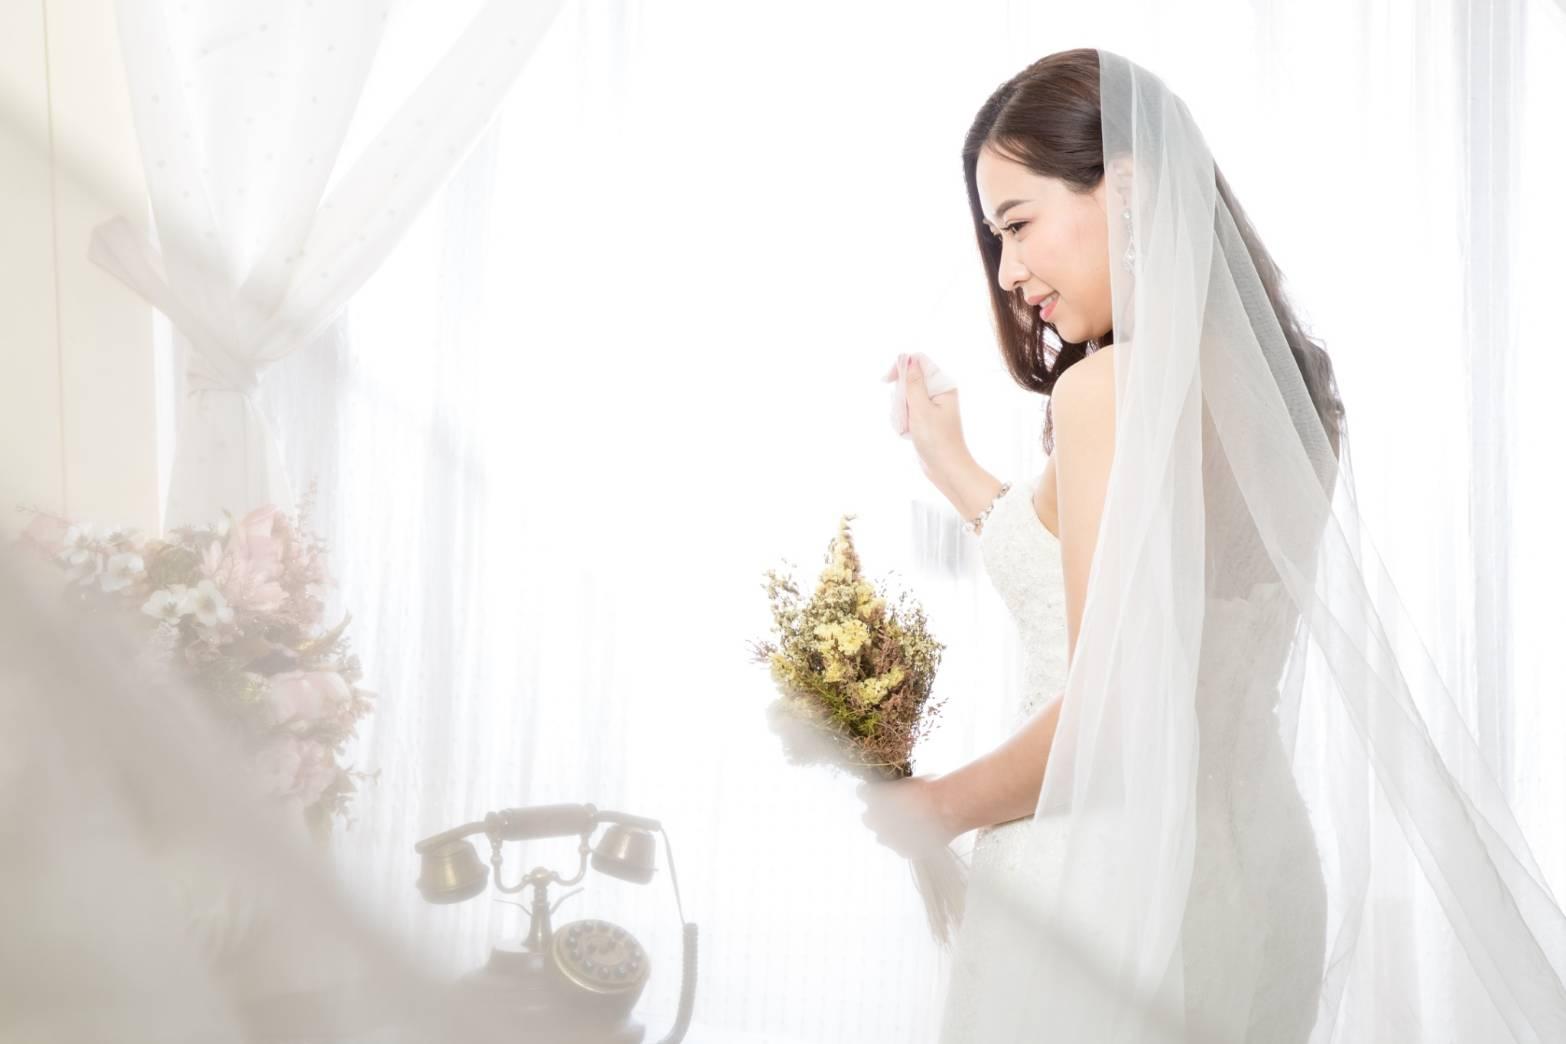 ธีมการจัดงานแต่งงานที่บ้าน